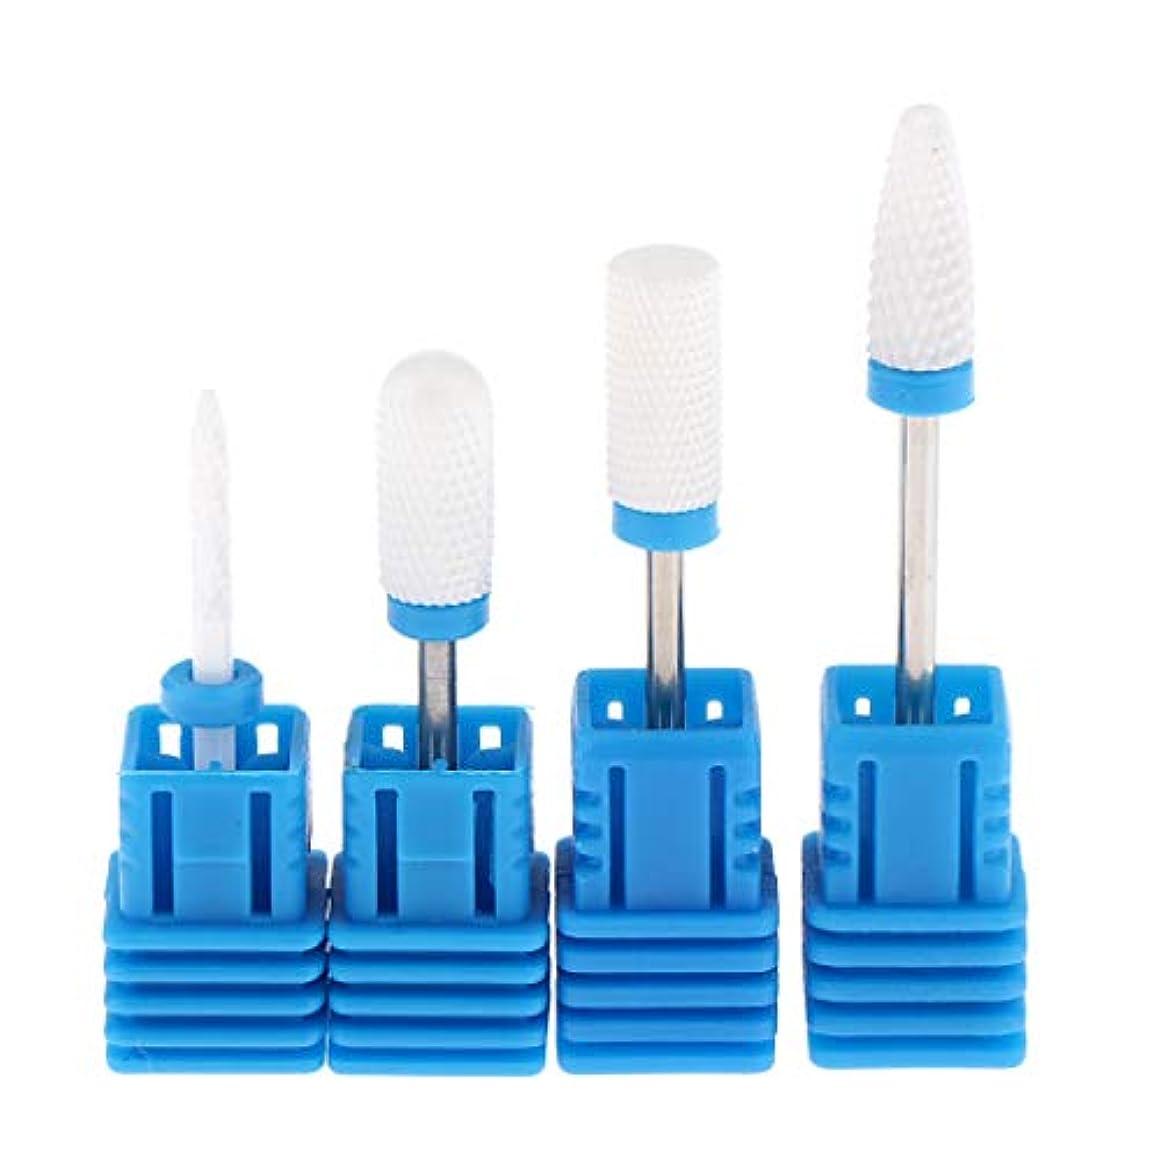 難民薄汚い思い出させるFLAMEER Nail Grinding Heads Tool Professional Nail Polishing Care Nail Art Care Nail Caring Tool